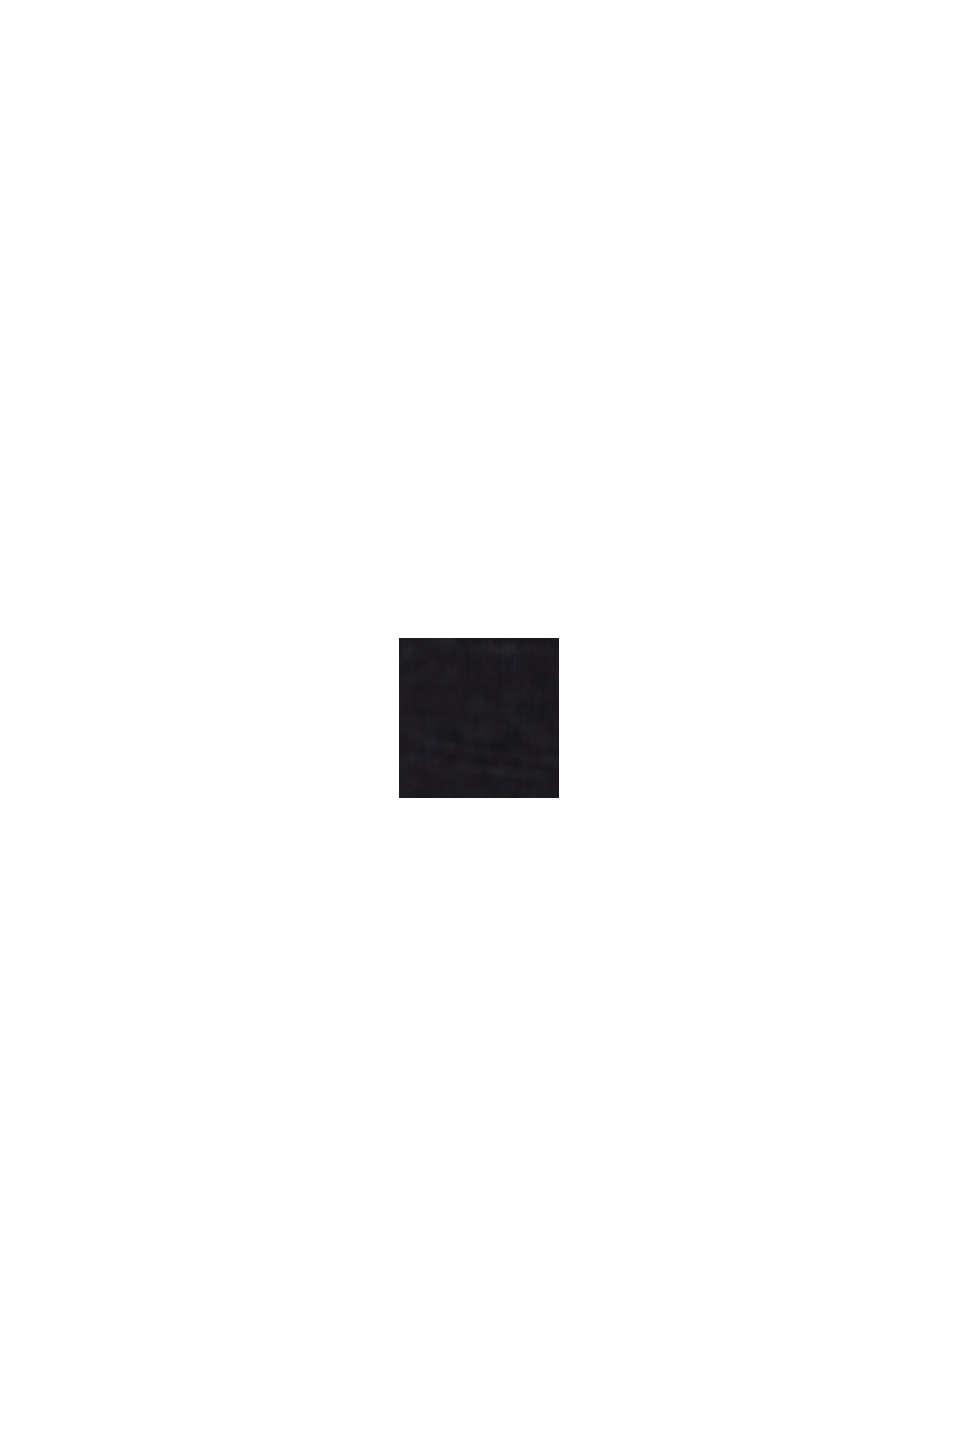 CURVY Maglia con bottoni, cotone biologico, BLACK, swatch